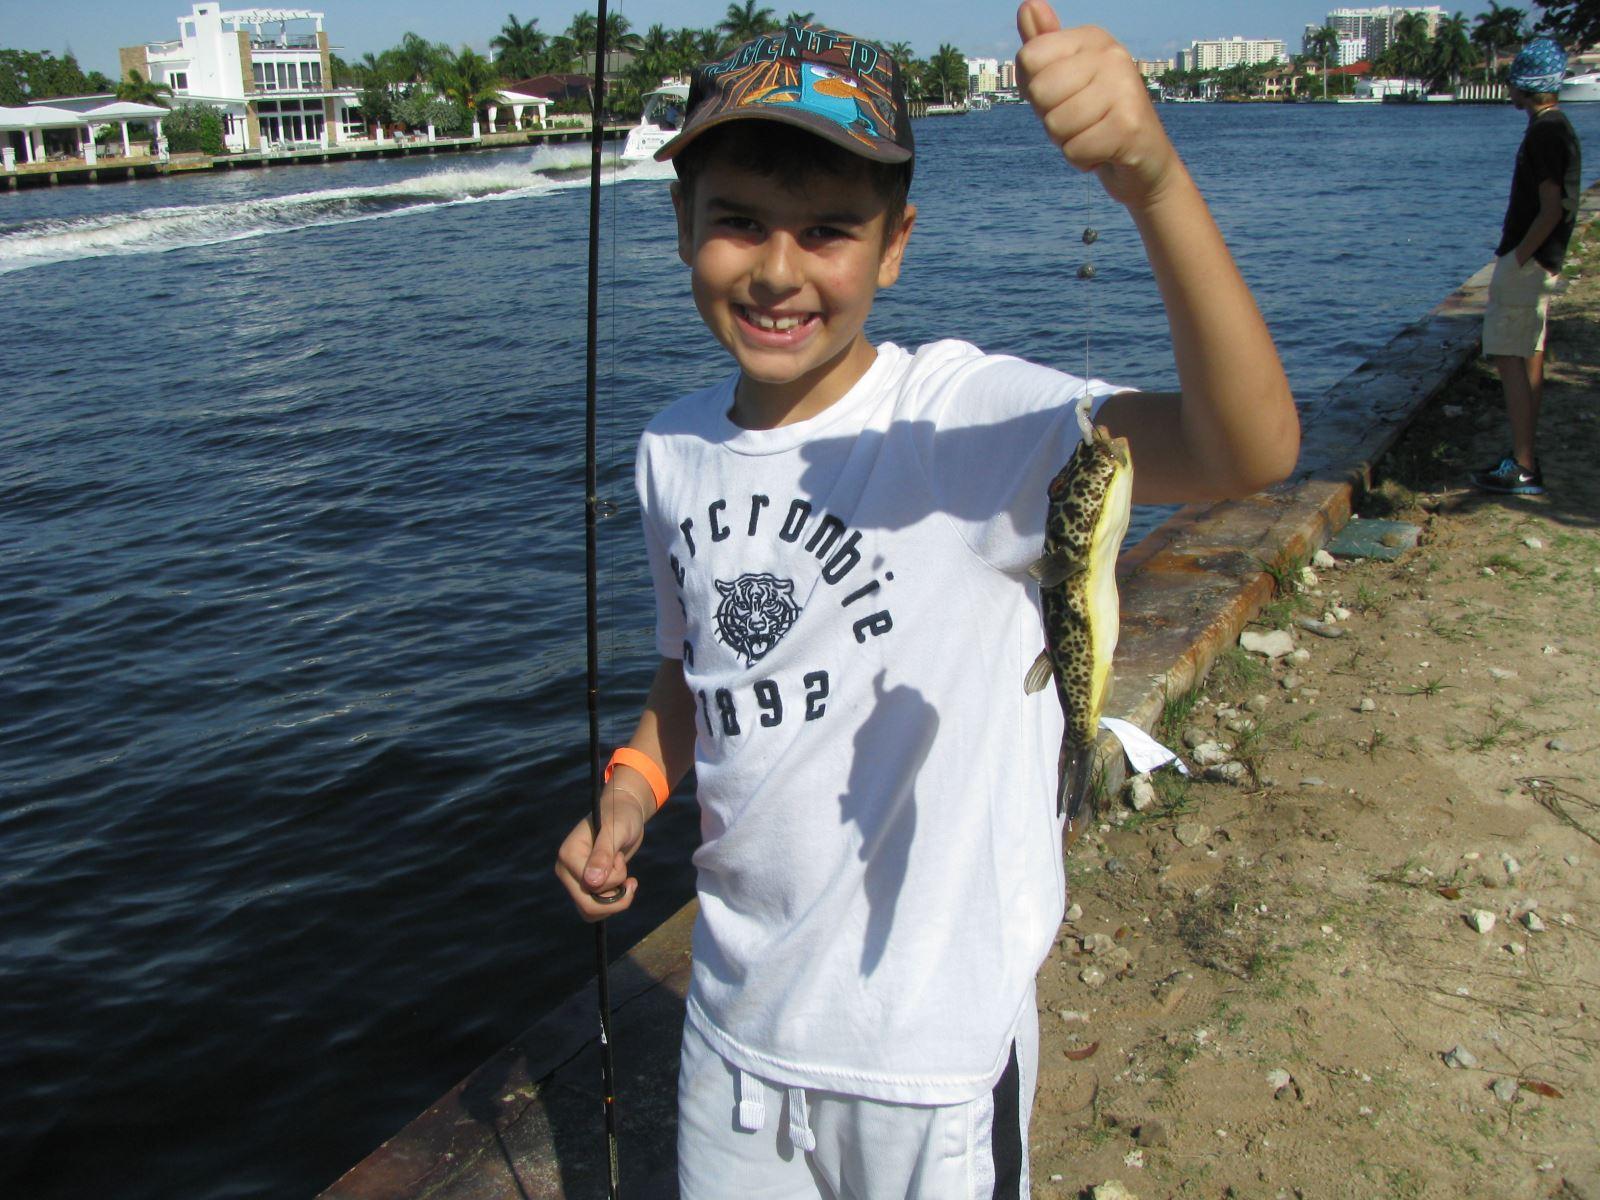 igfa public fishing programs